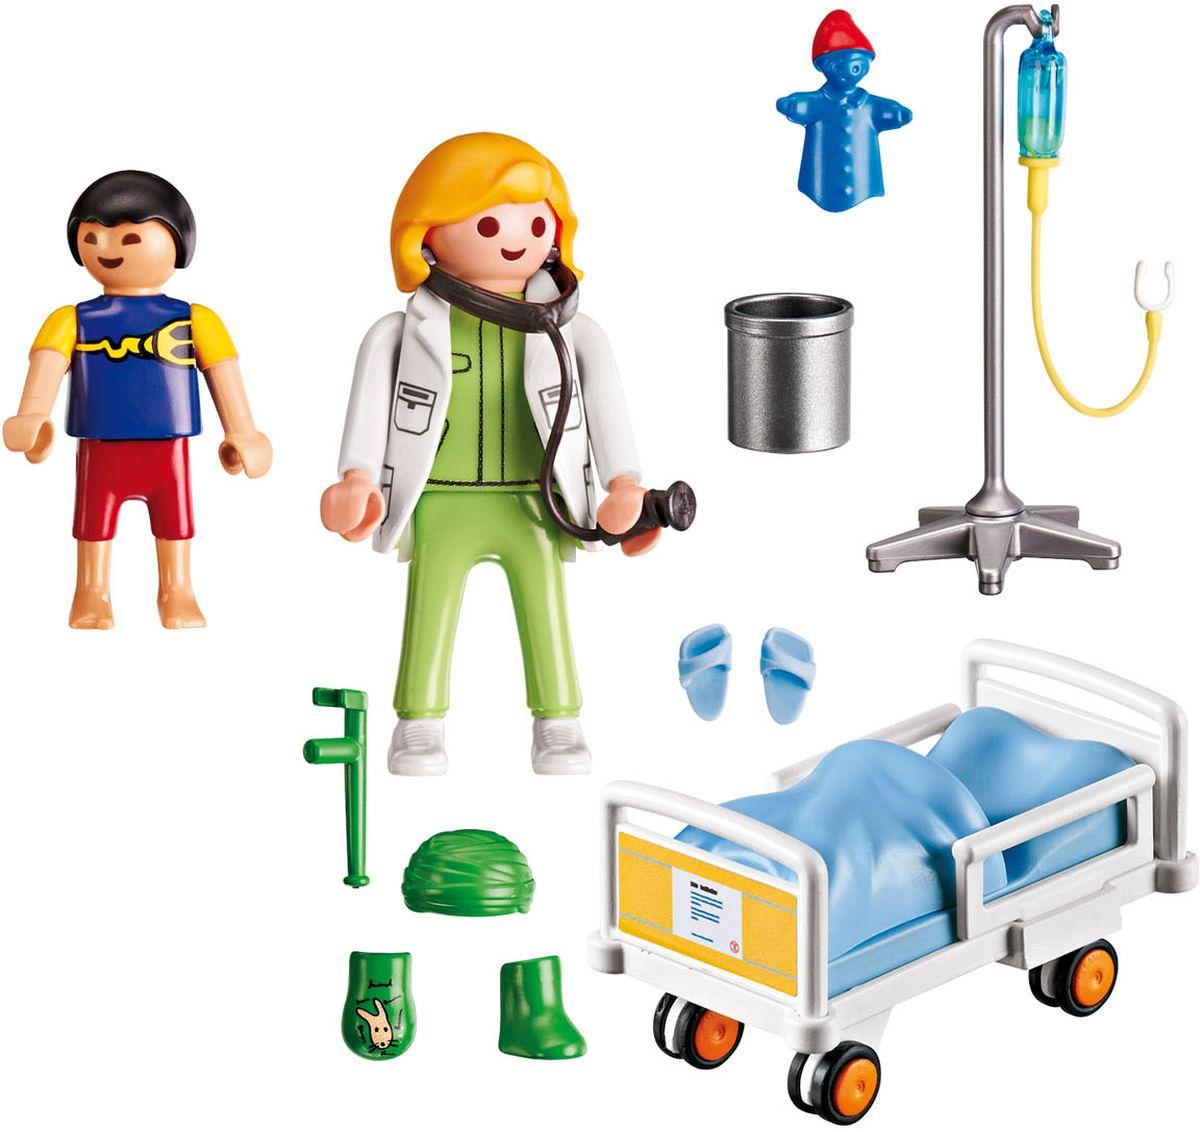 Playmobil Игровой набор Детская клиника Доктор с ребенком playmobil® детская клиника рентгеновский кабинет playmobil